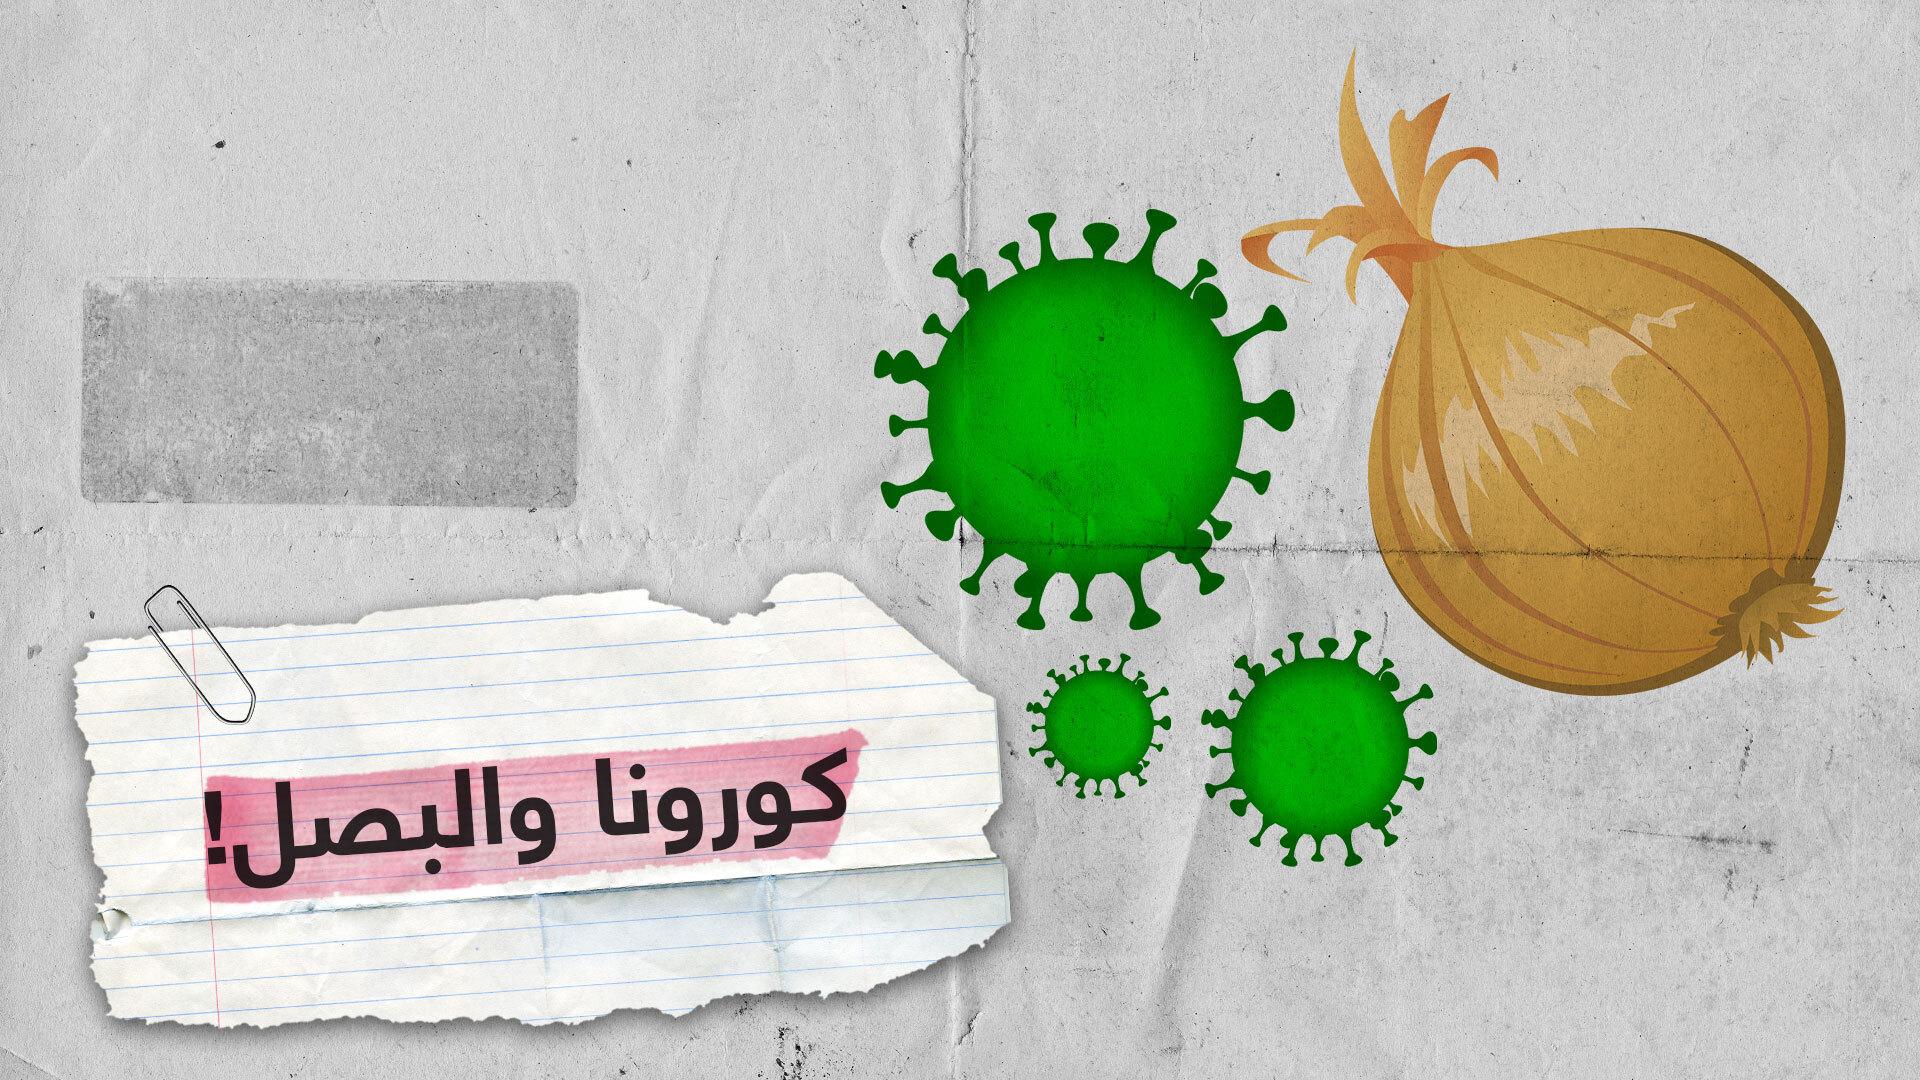 أزمات غذائية بدول عربية بسبب كورونا